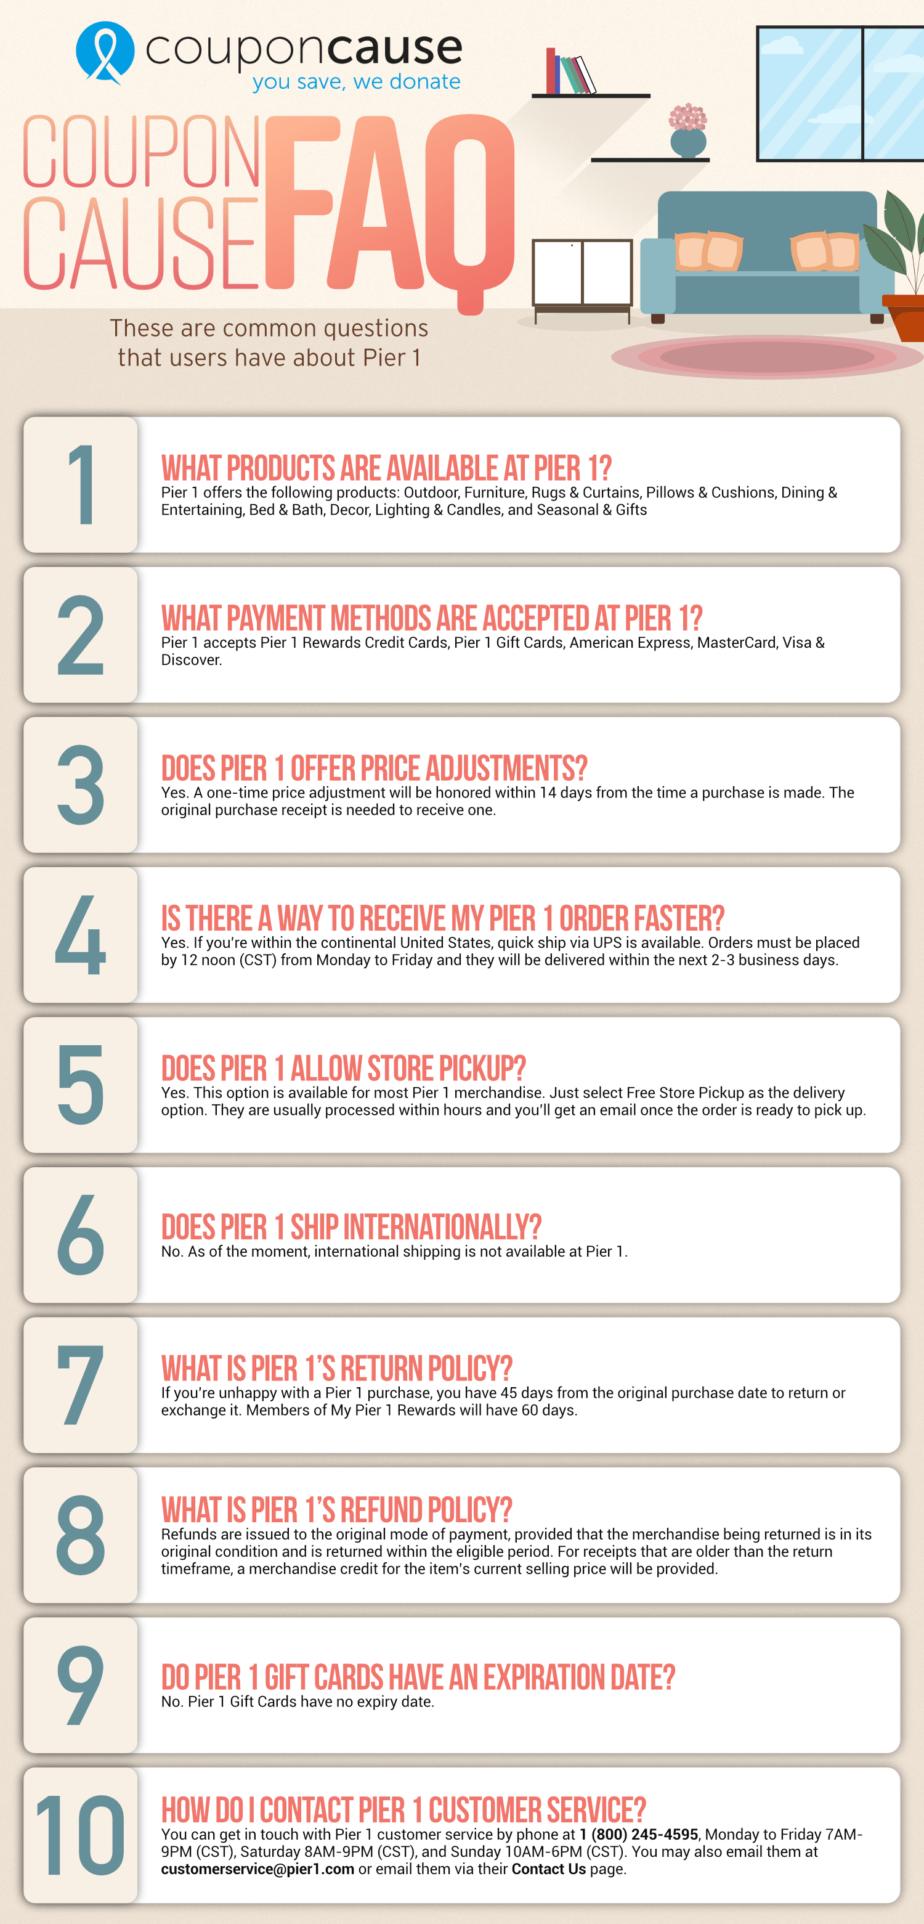 Pier 1 Infographic Order Coupon Cause FAQ (C.C. FAQ)